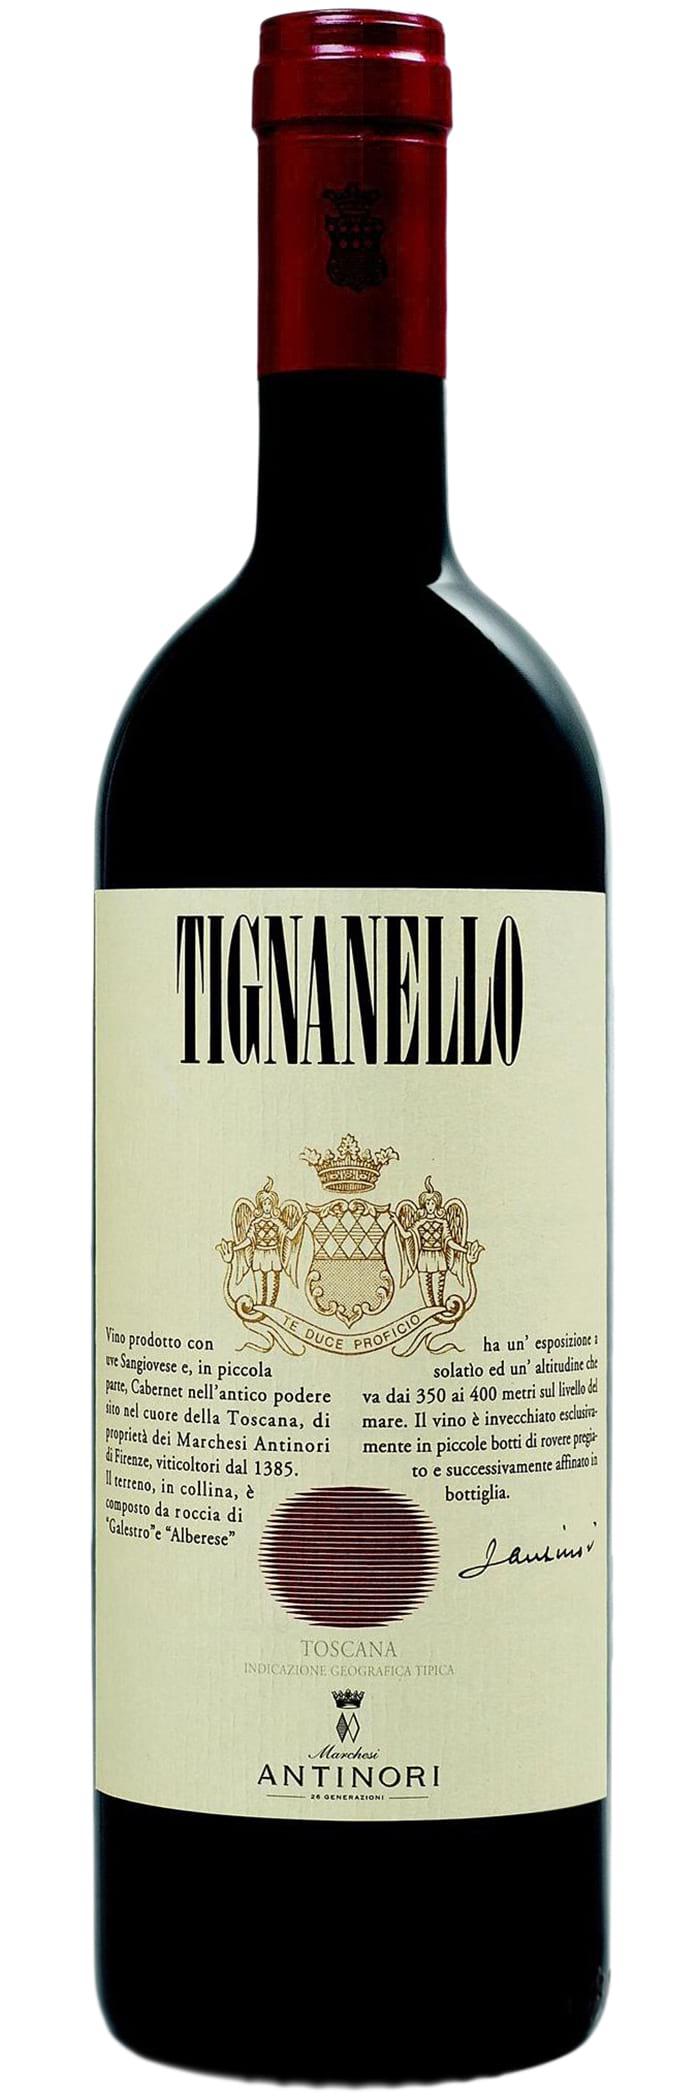 2004 Tignanello Toscana фото